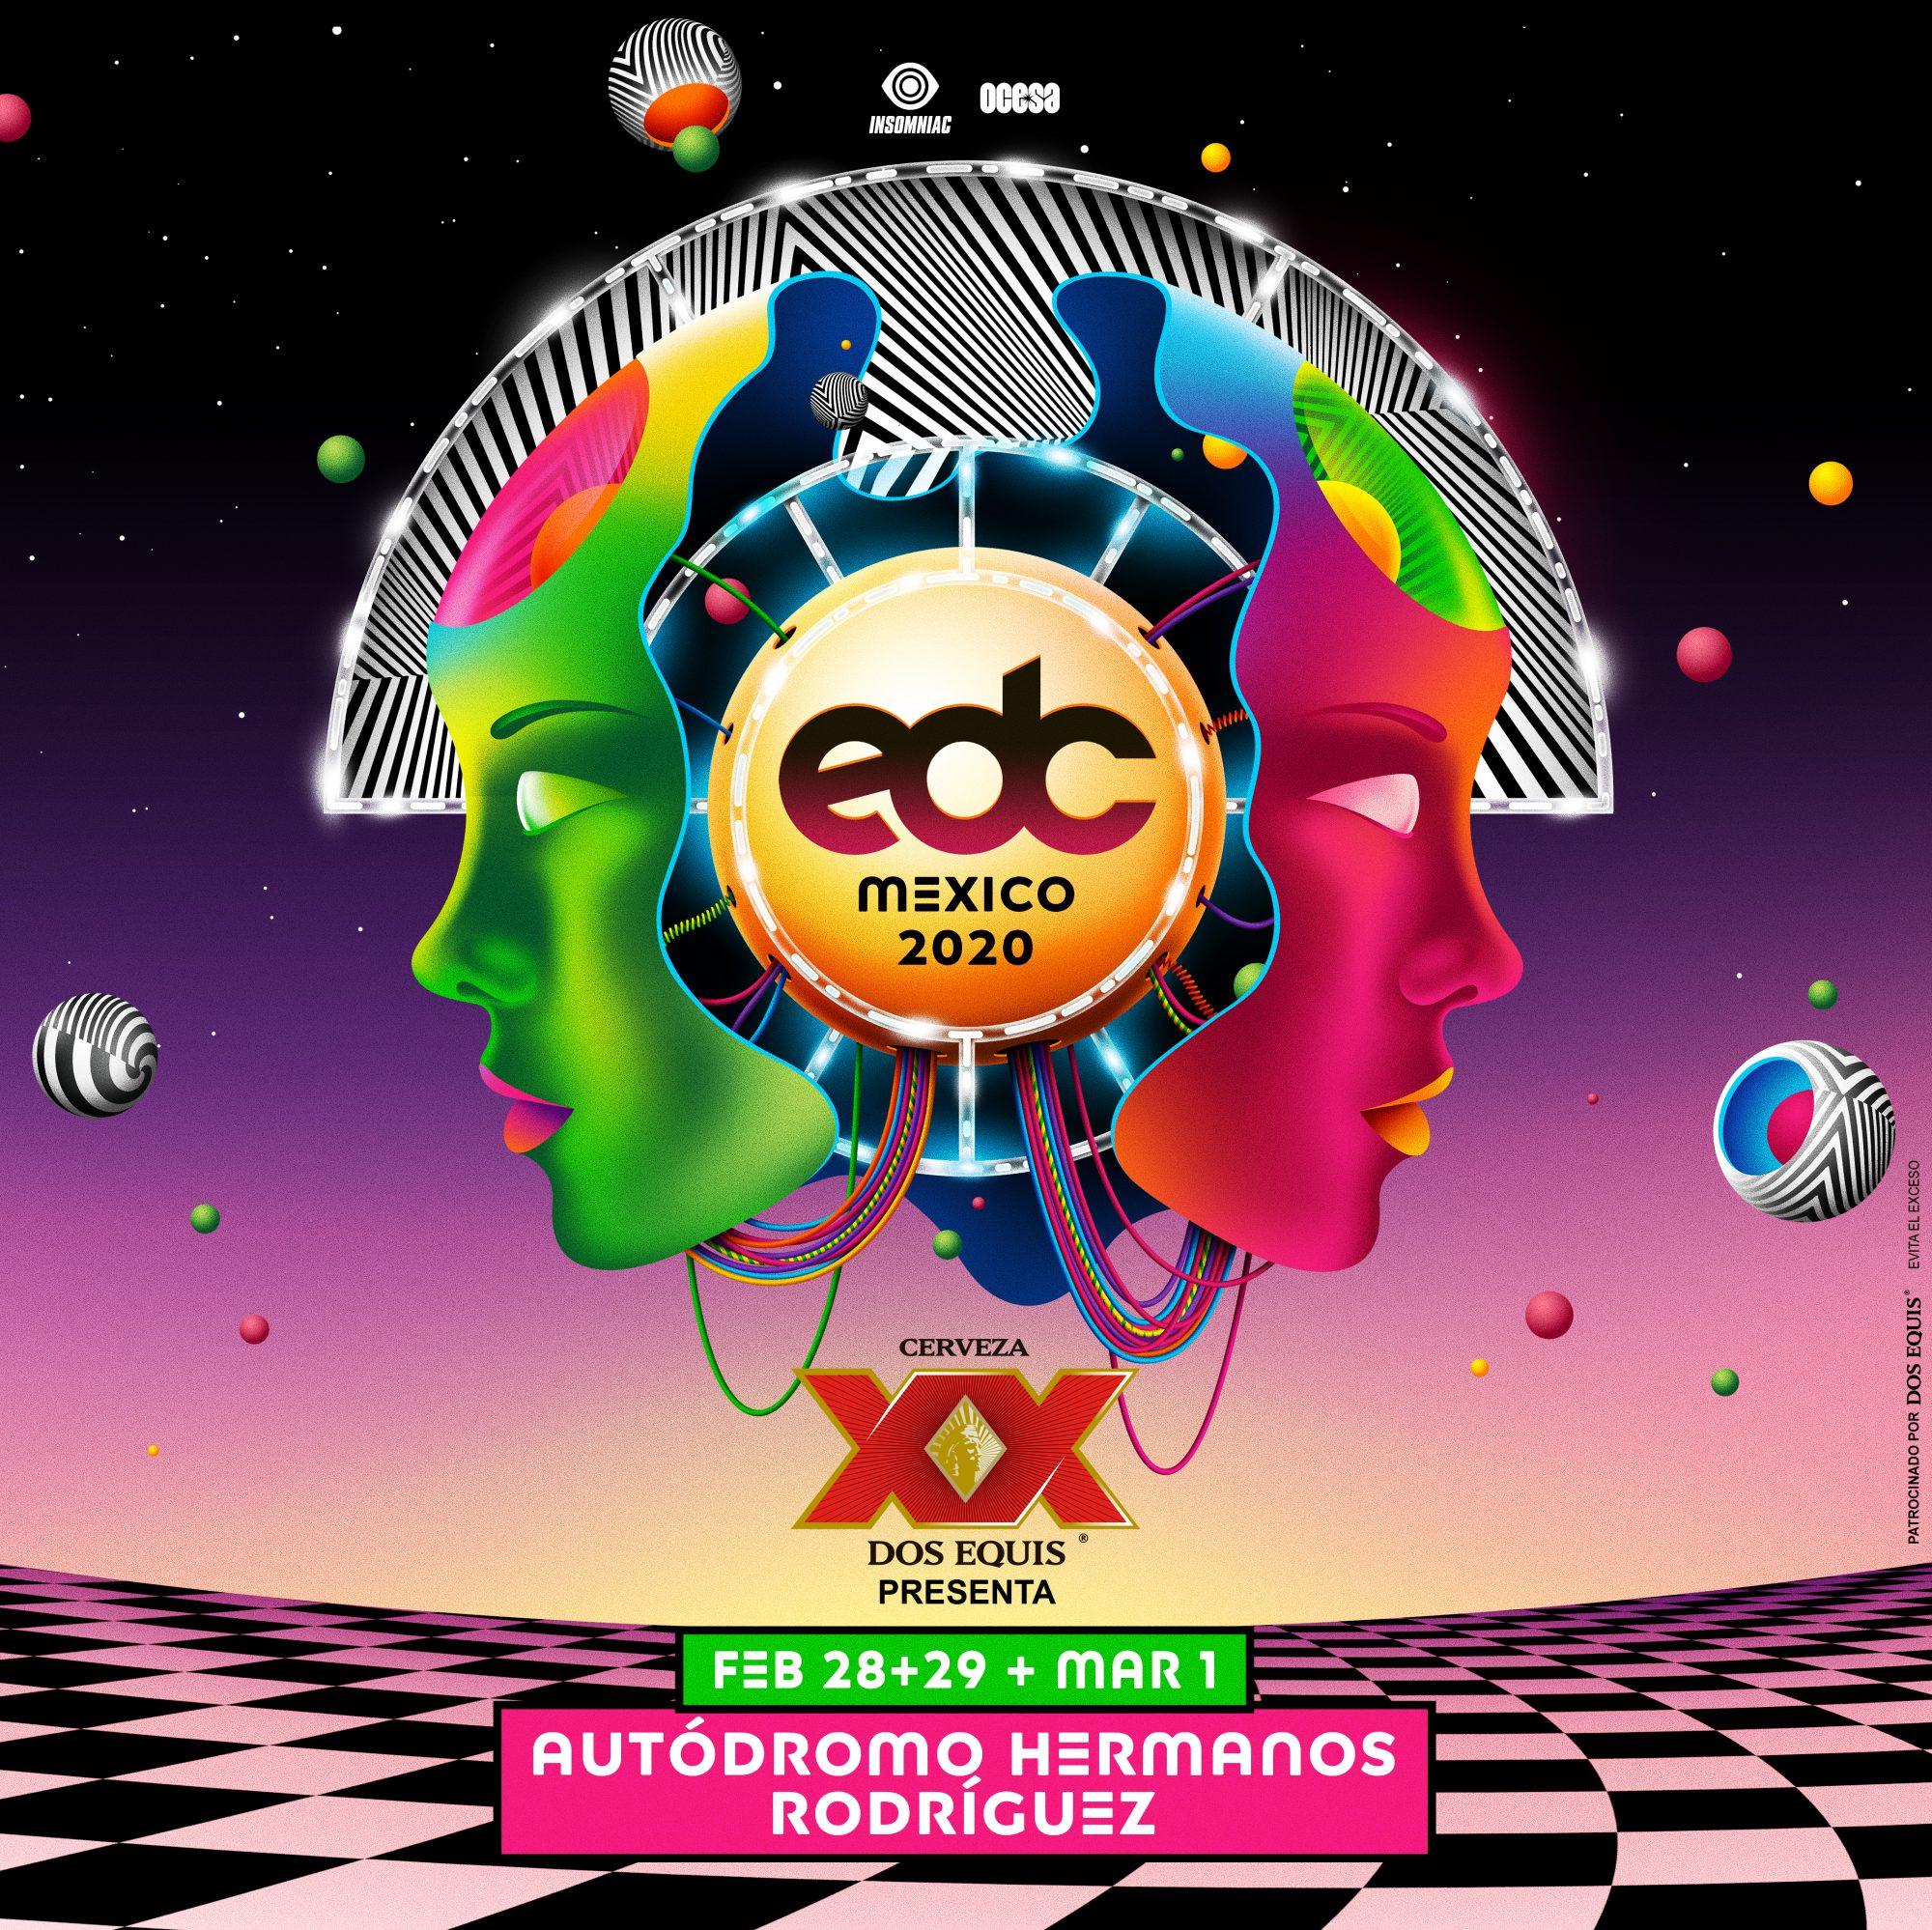 EDC Mexico 2020